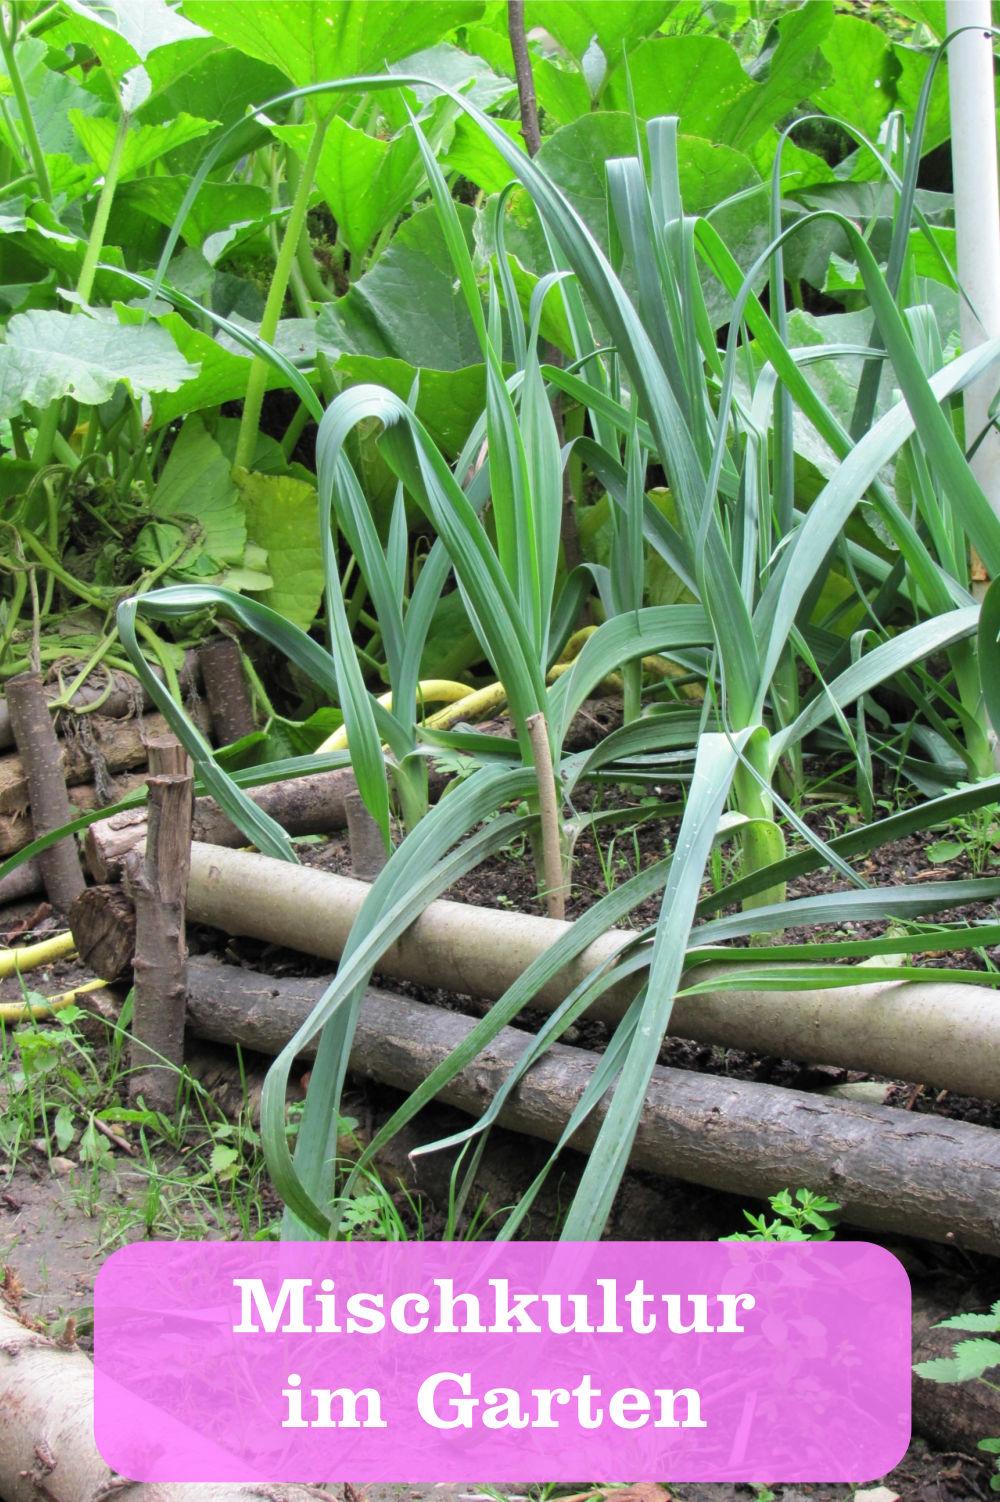 Mischkultur im Garten